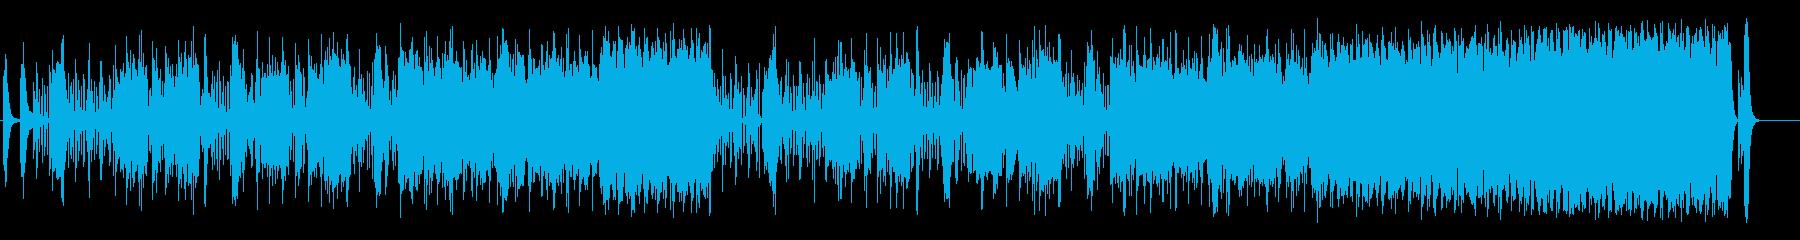 ポップ感覚を盛り込んだ南アジア風サウンドの再生済みの波形